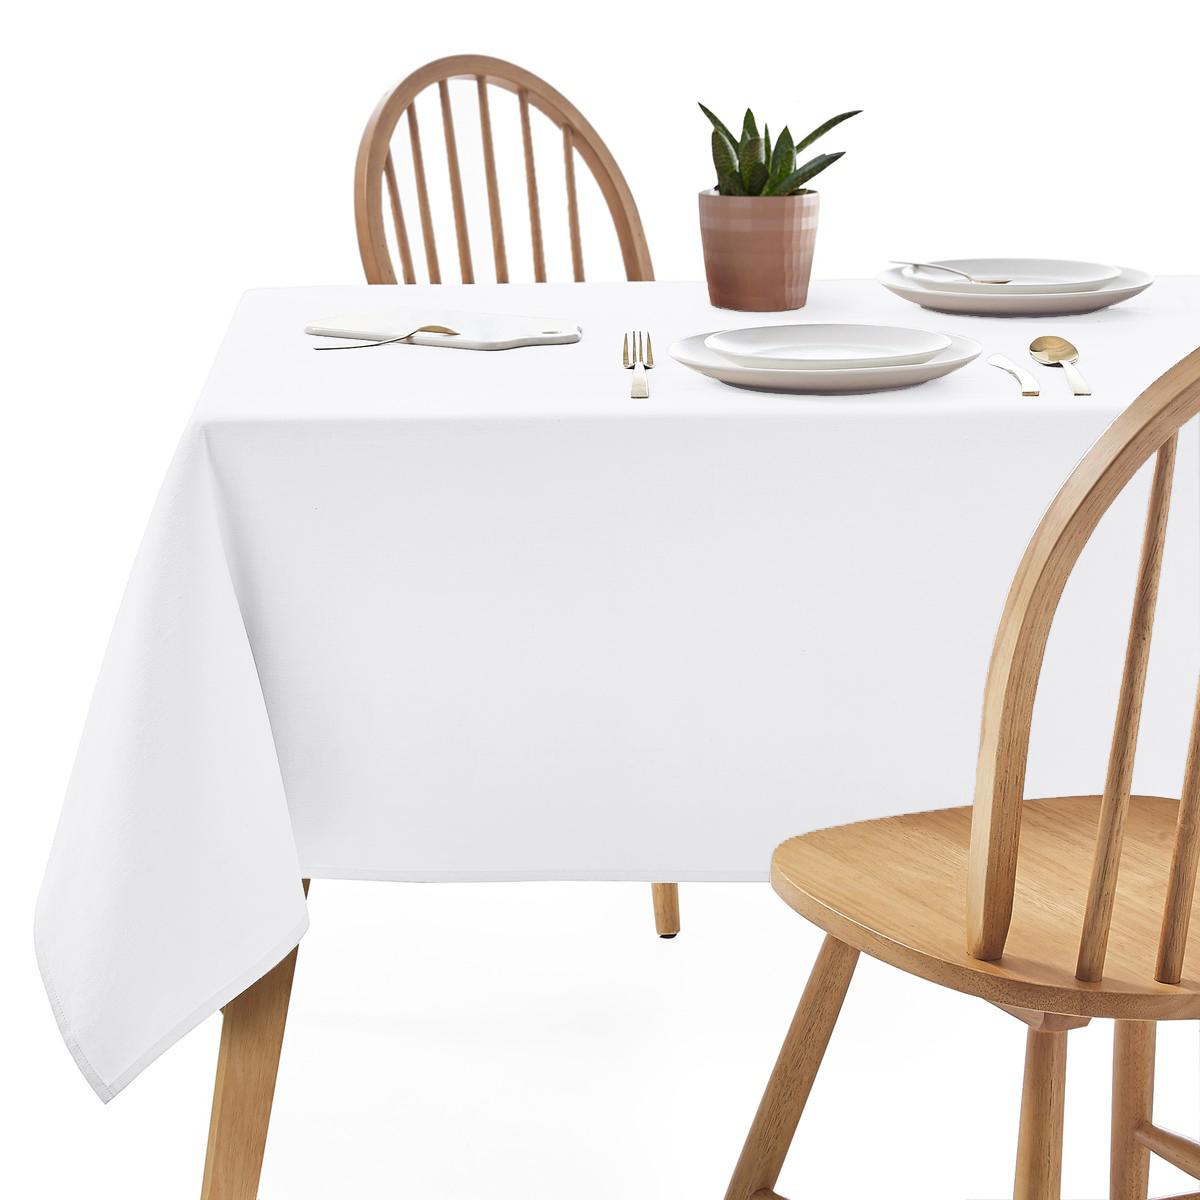 Скатертина 260х140см Біла Арт.963 Туреччина в Ресторан на стіл 200х80см спуск 30см